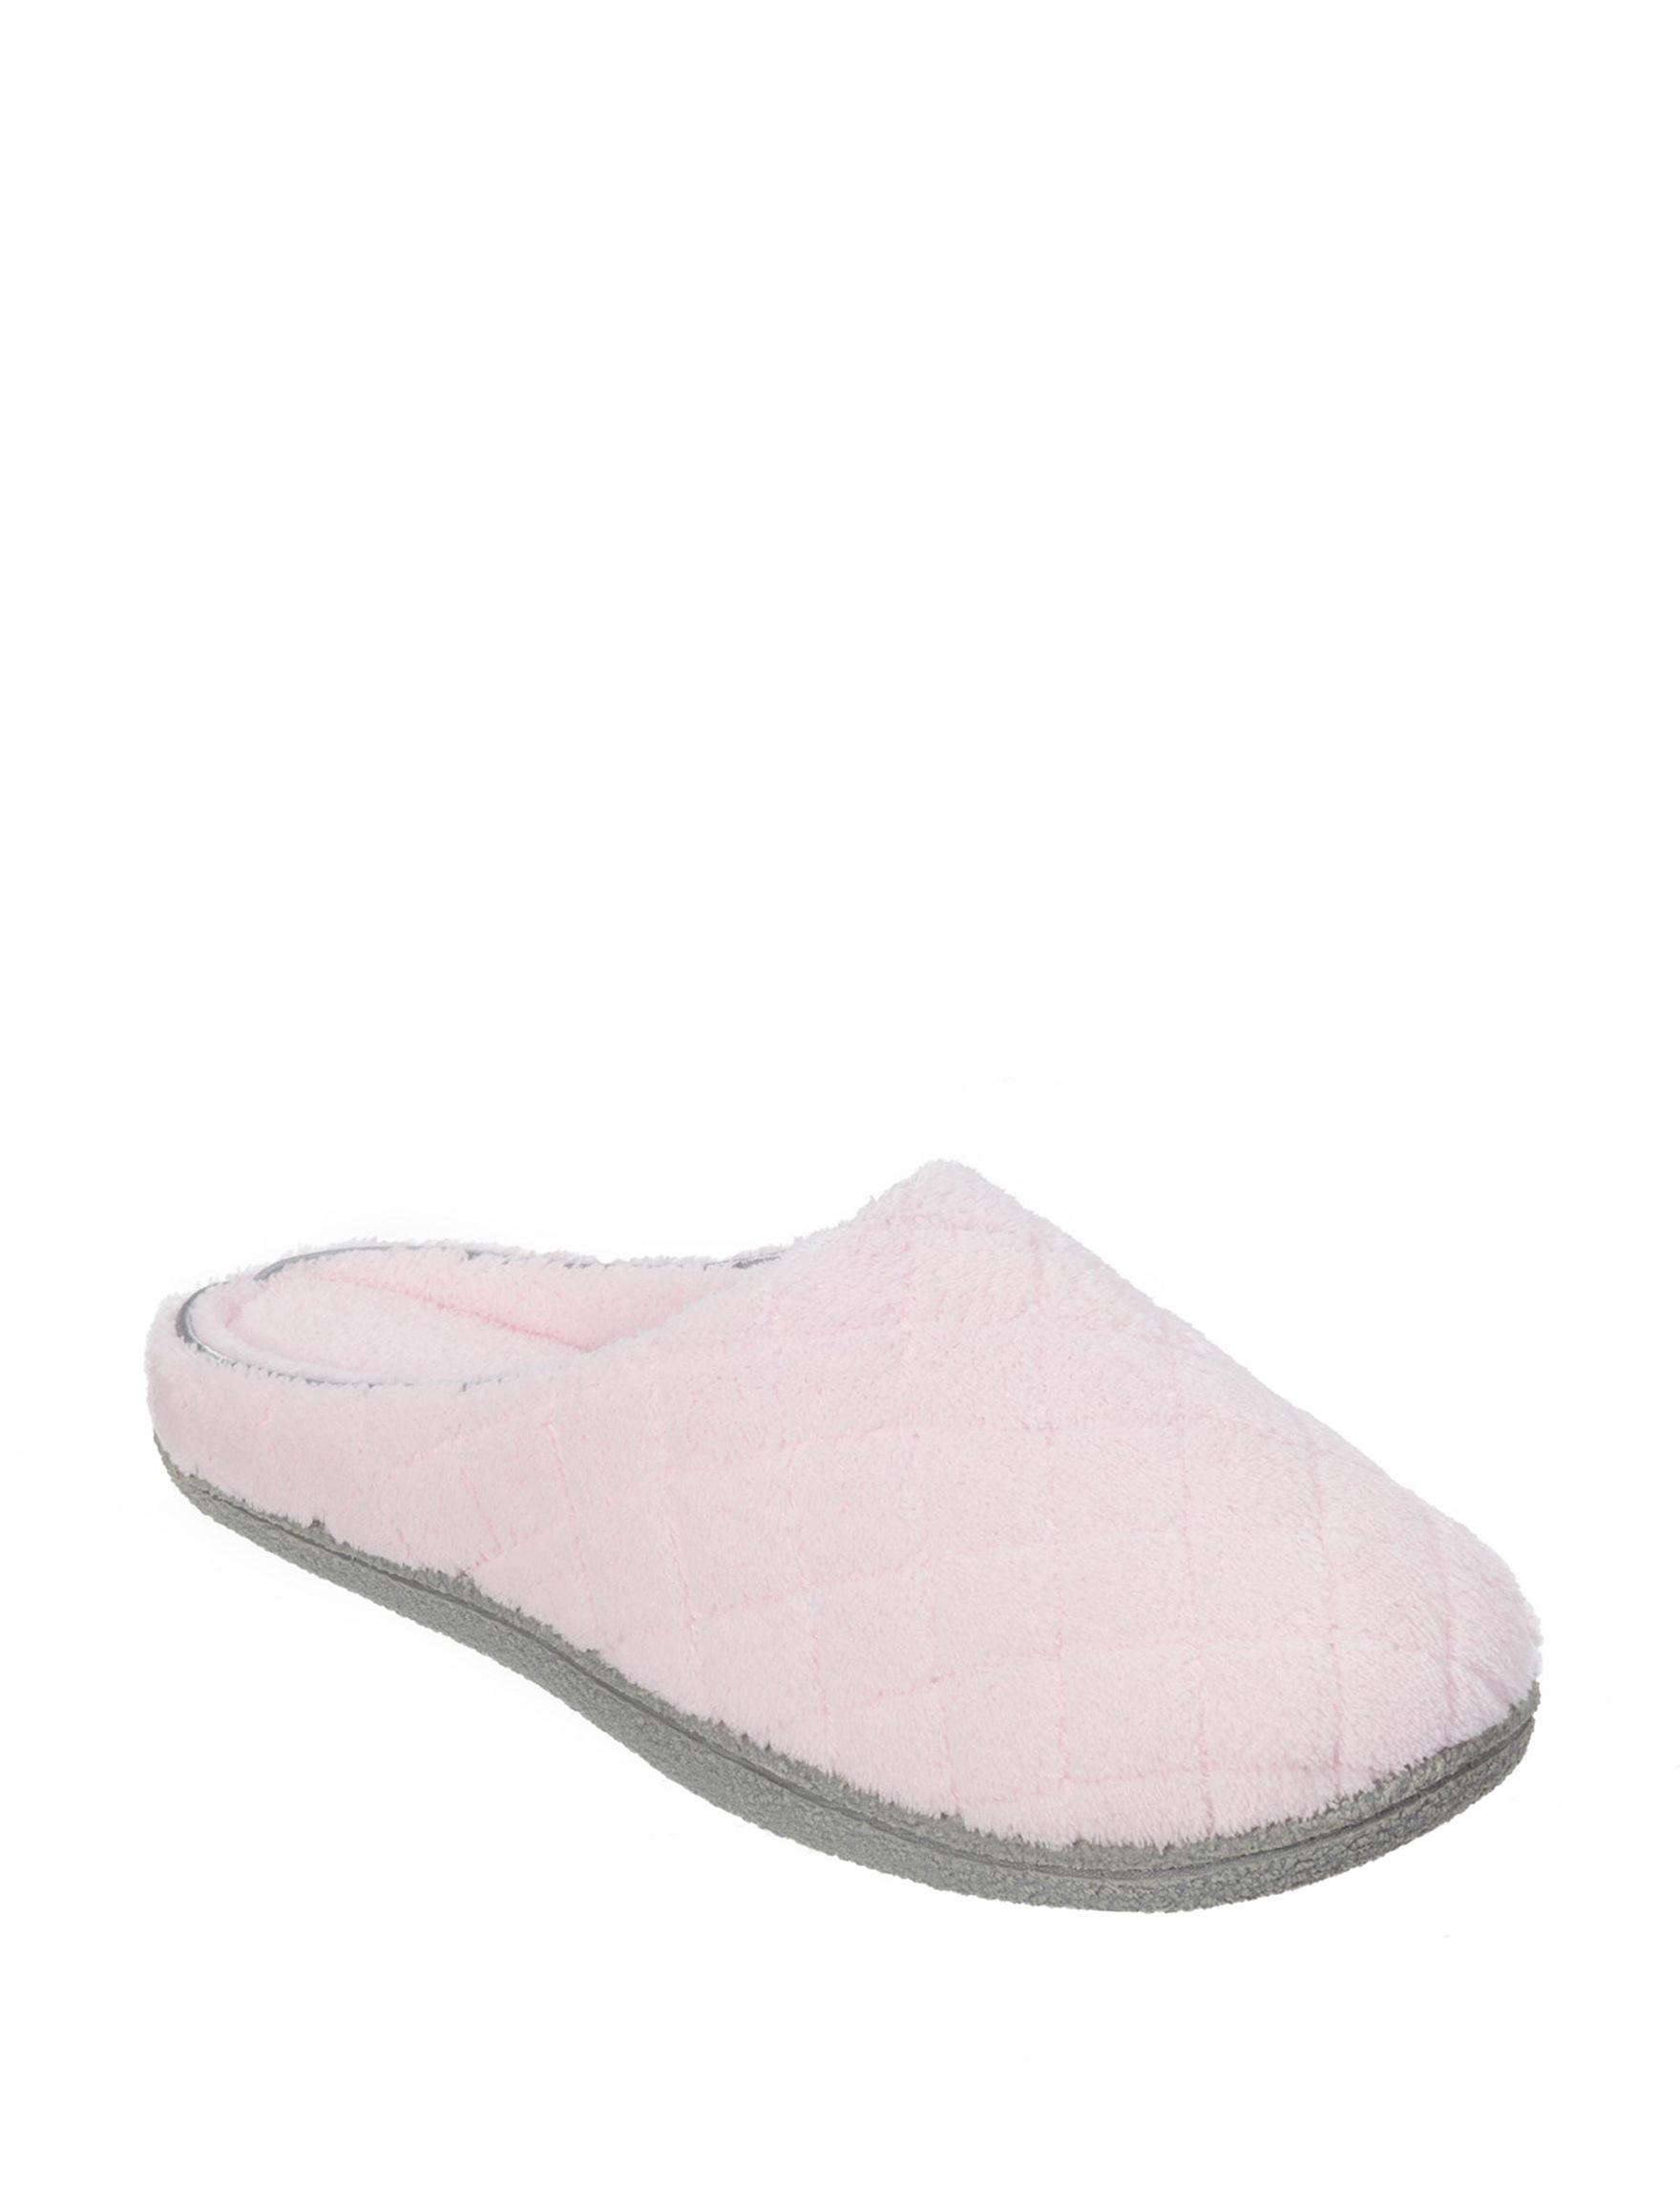 Dearfoams Pink